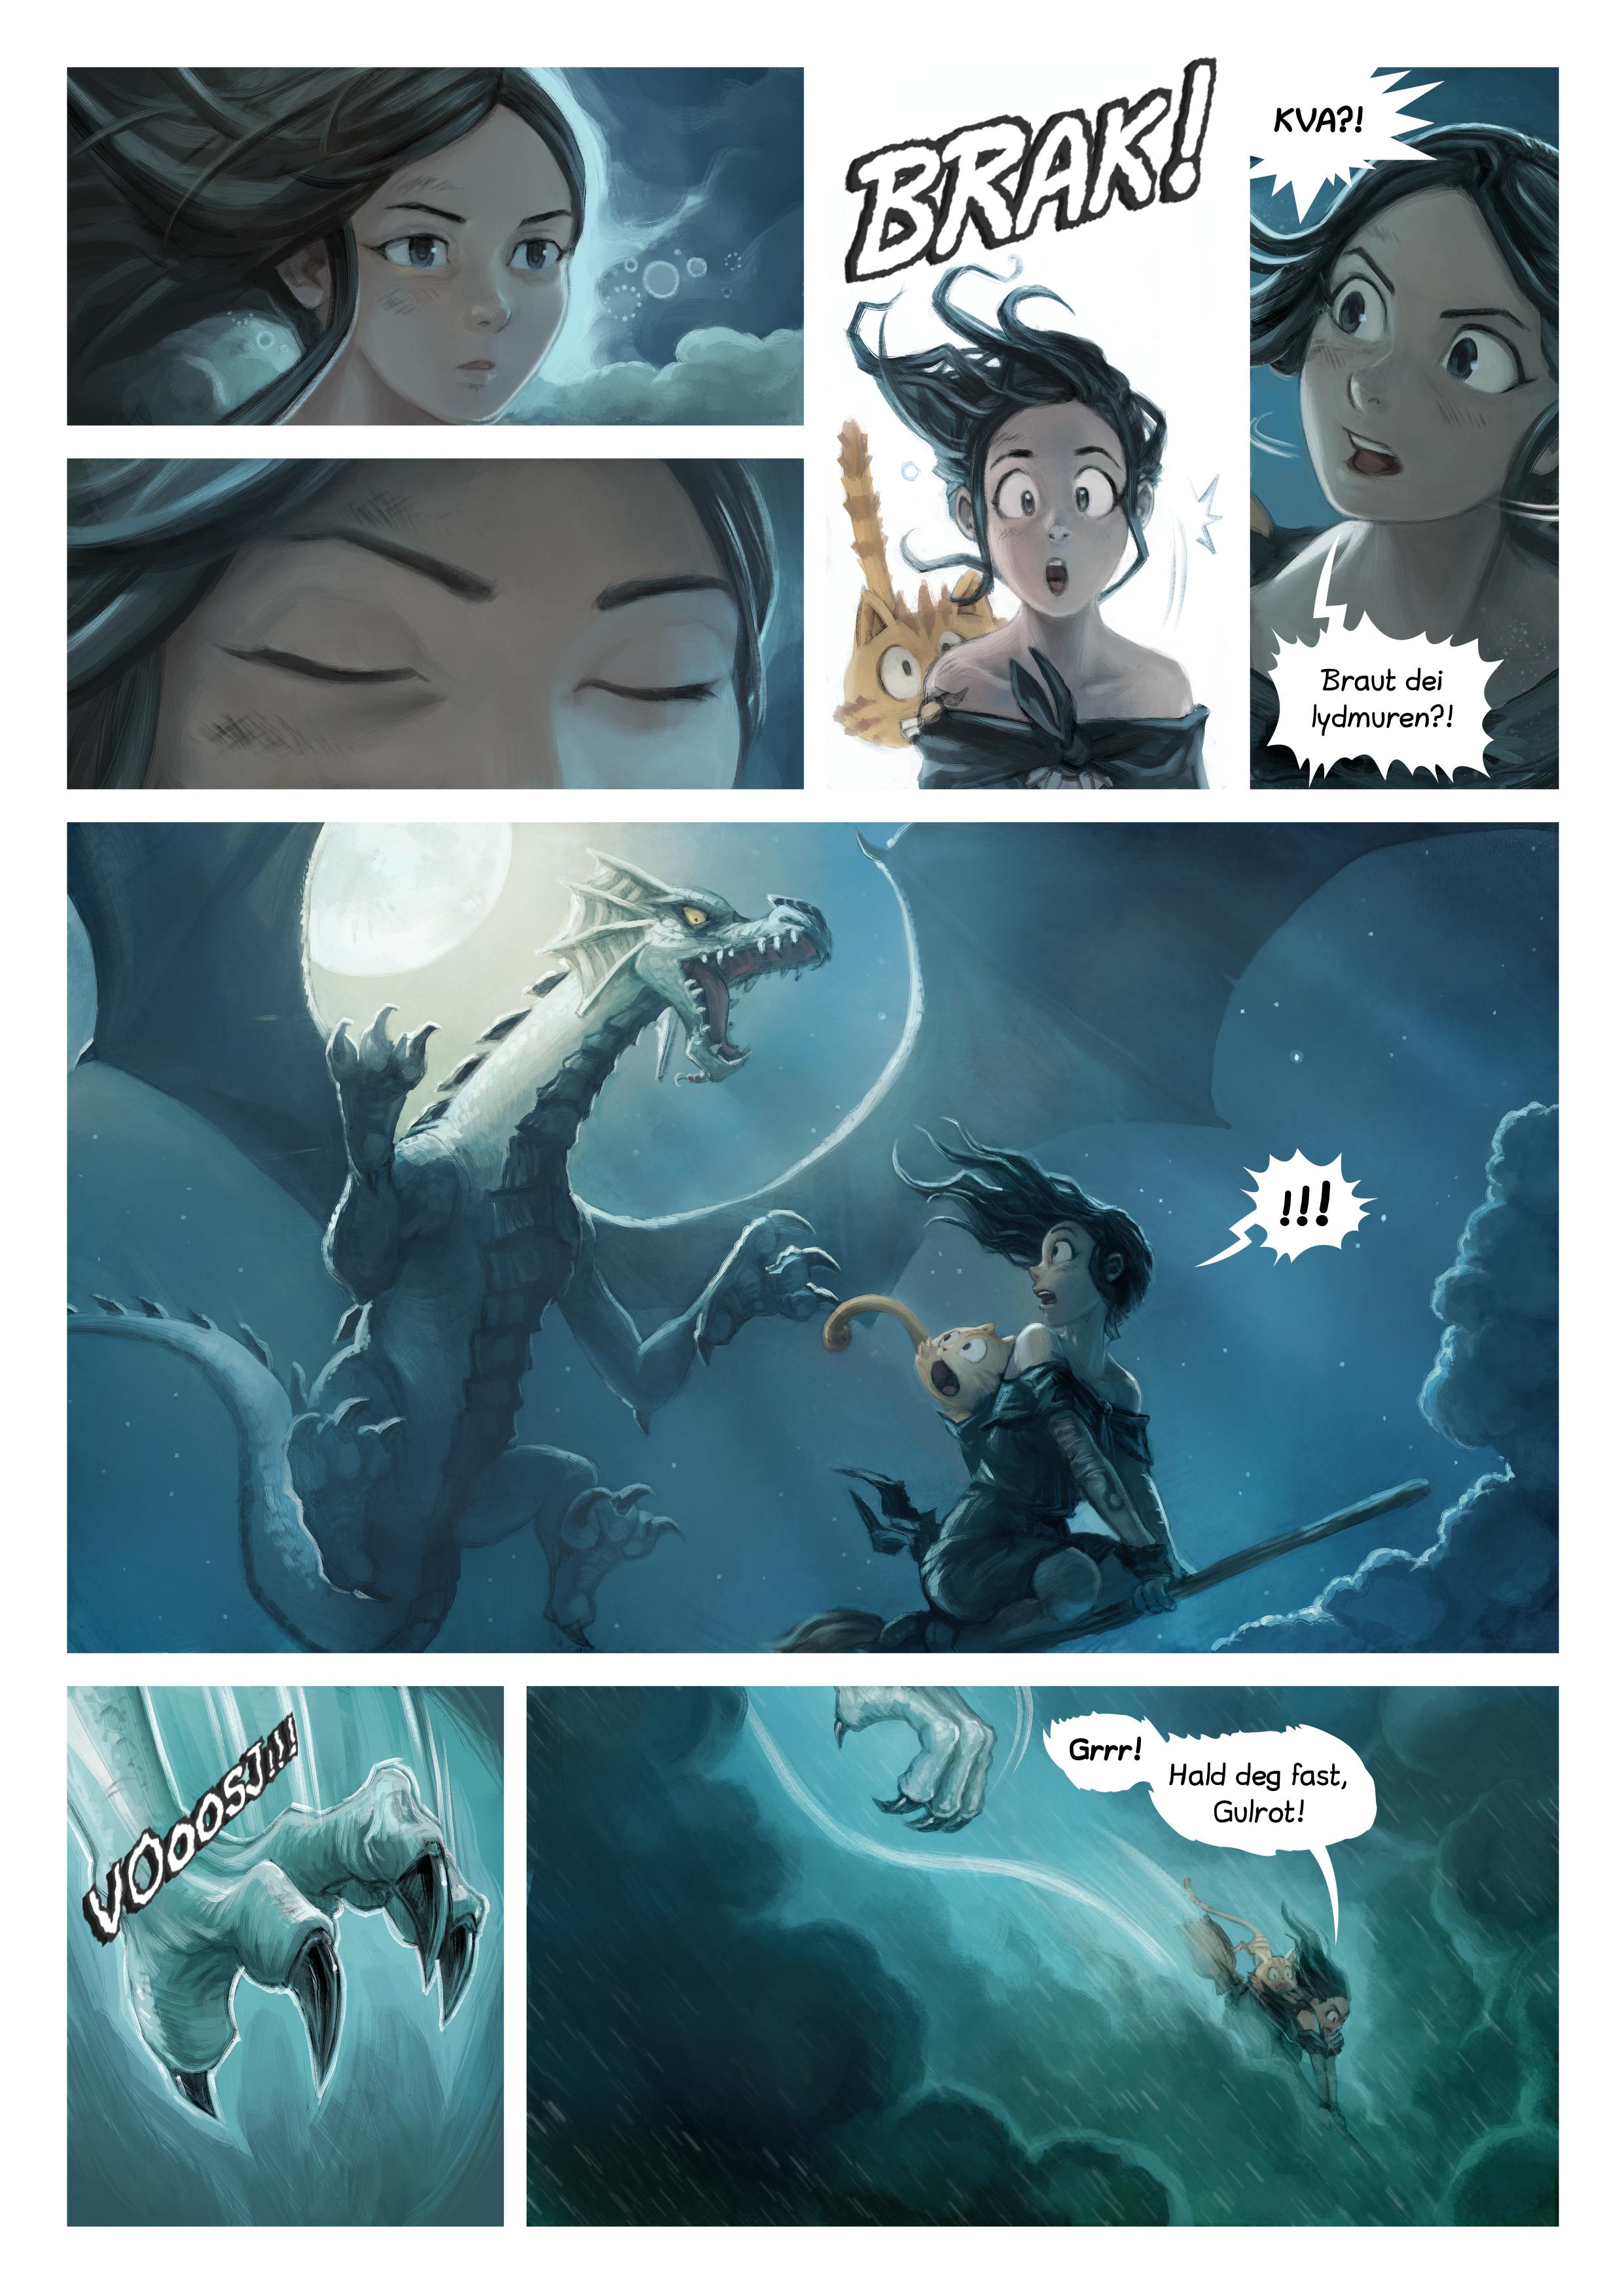 Episode 35: Refleksjonen, Side 4